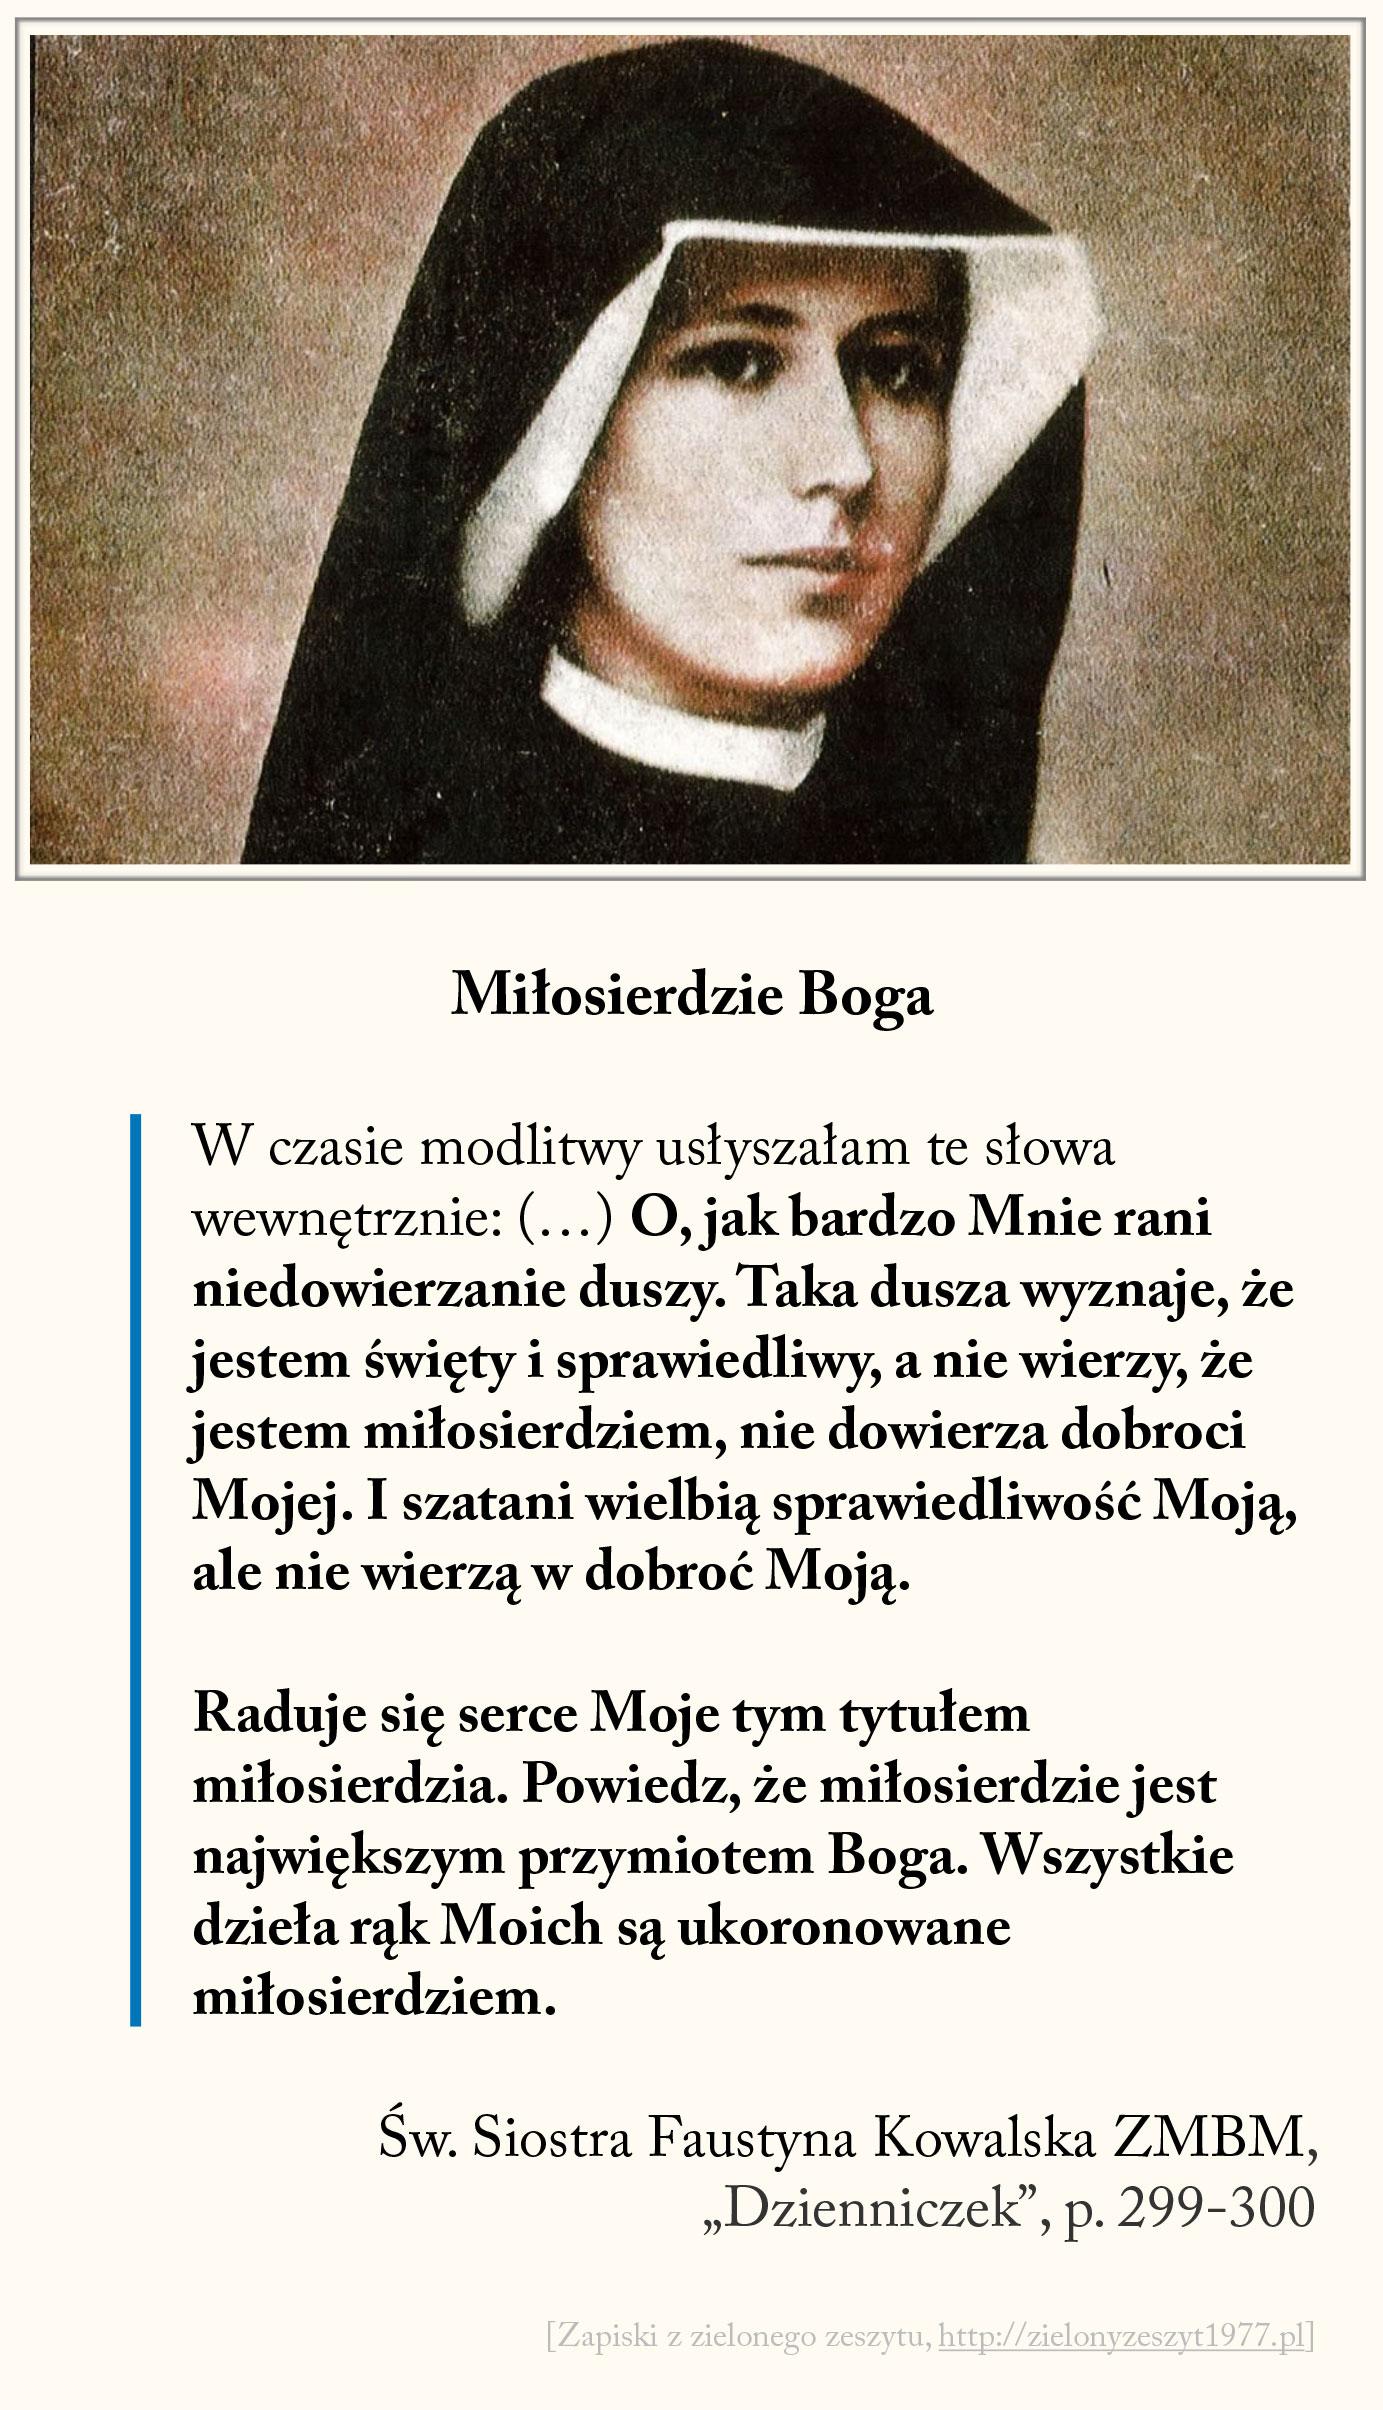 Miłosierdzie Boga, św. Faustyna Kowalska